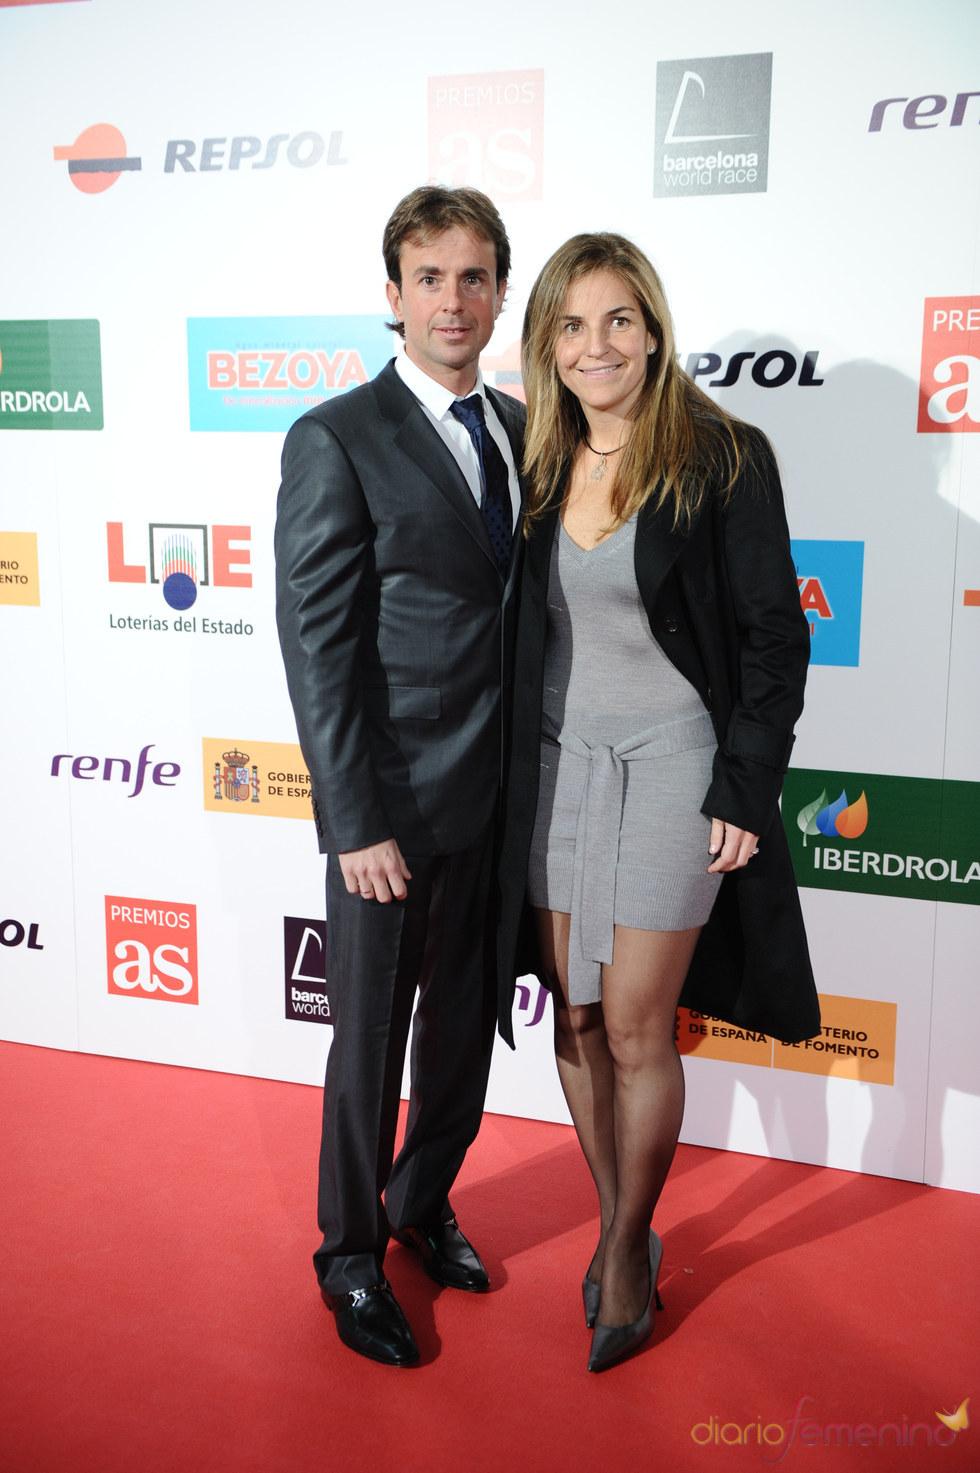 Arantxa Sanchez Vicario y su marido en los premios As del Deporte 2010